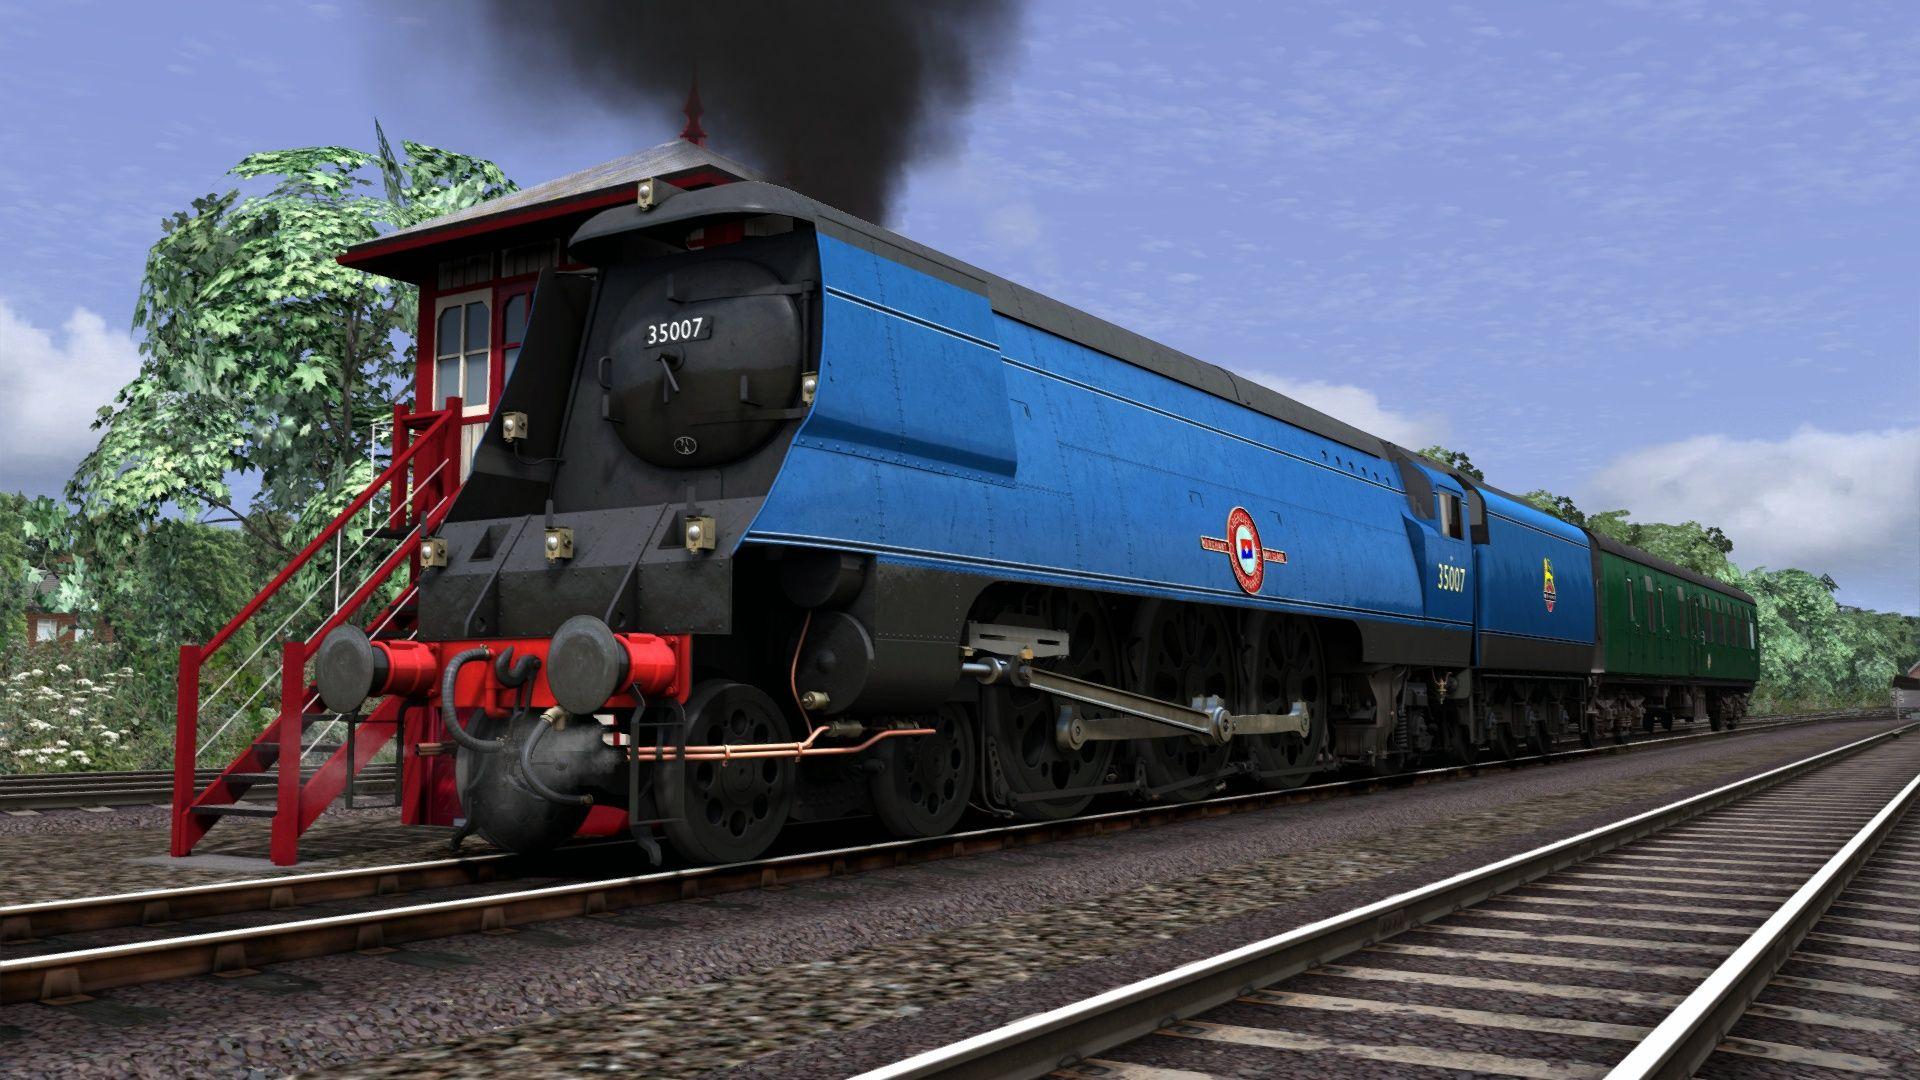 Screenshot_Settle to Carlisle_54.58214--2.48973_17-00-07.jpg